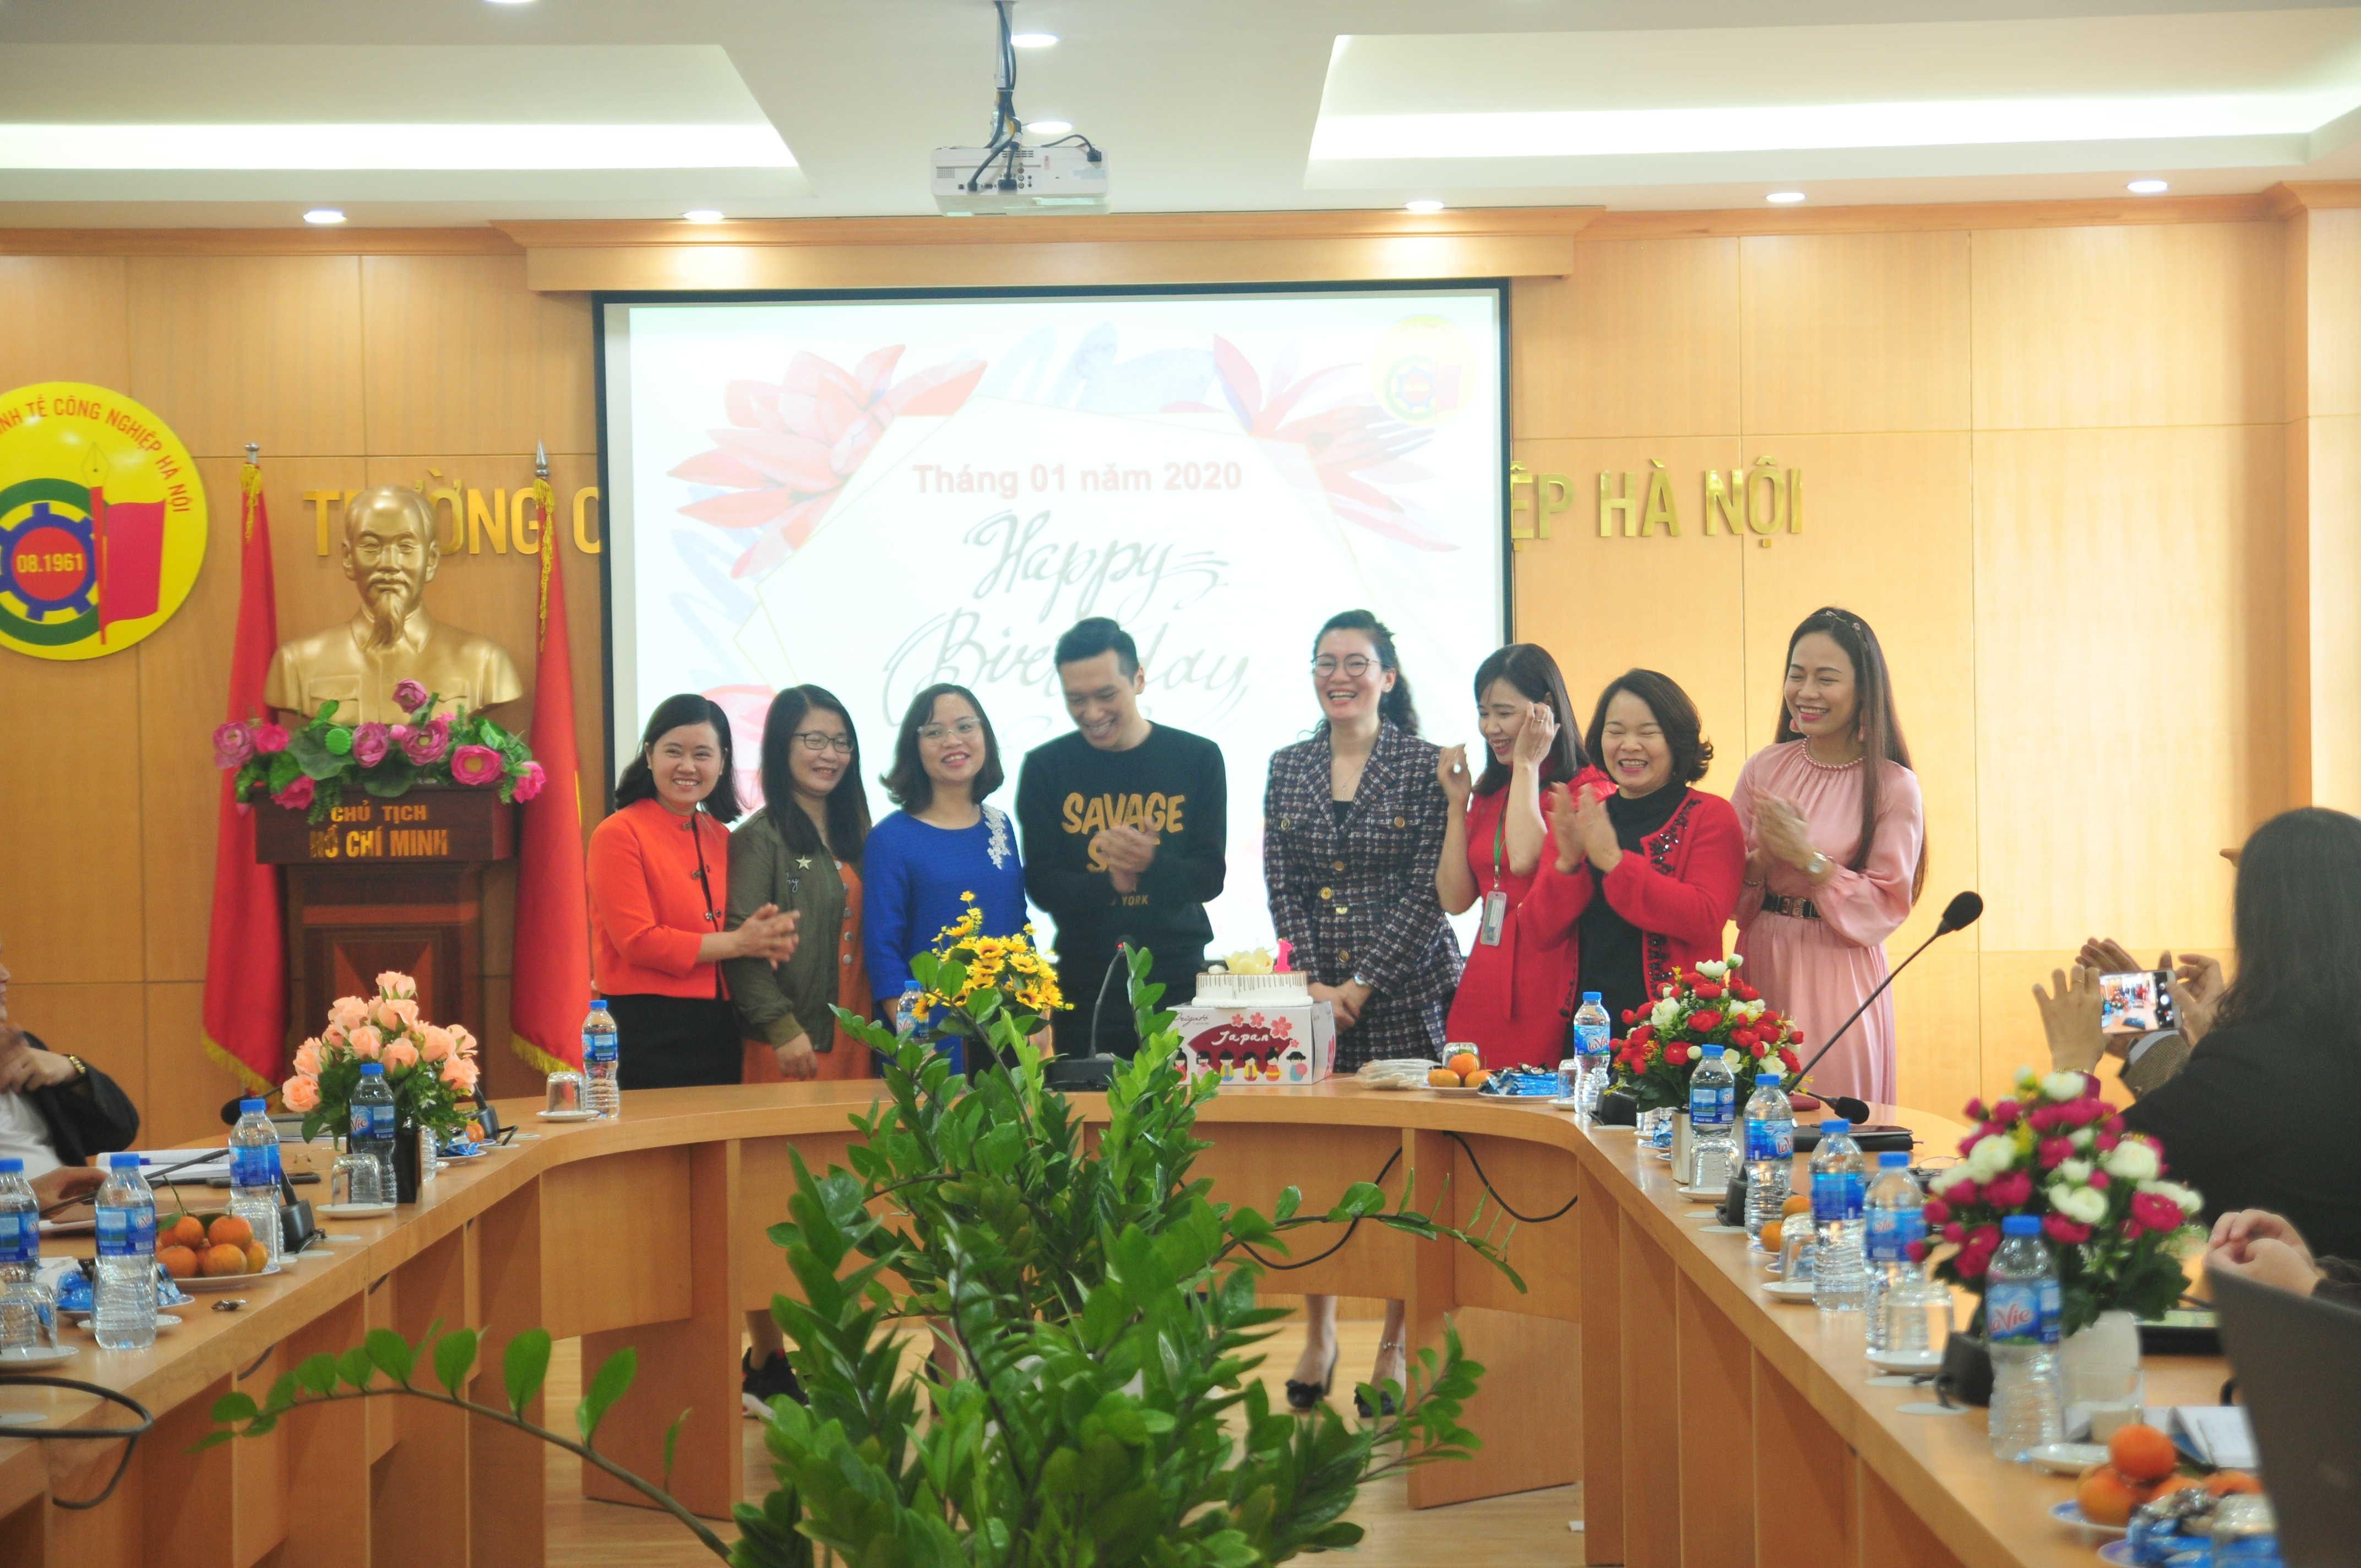 Tổ chức sinh nhật  Tháng 01 cho cán bộ viên chức